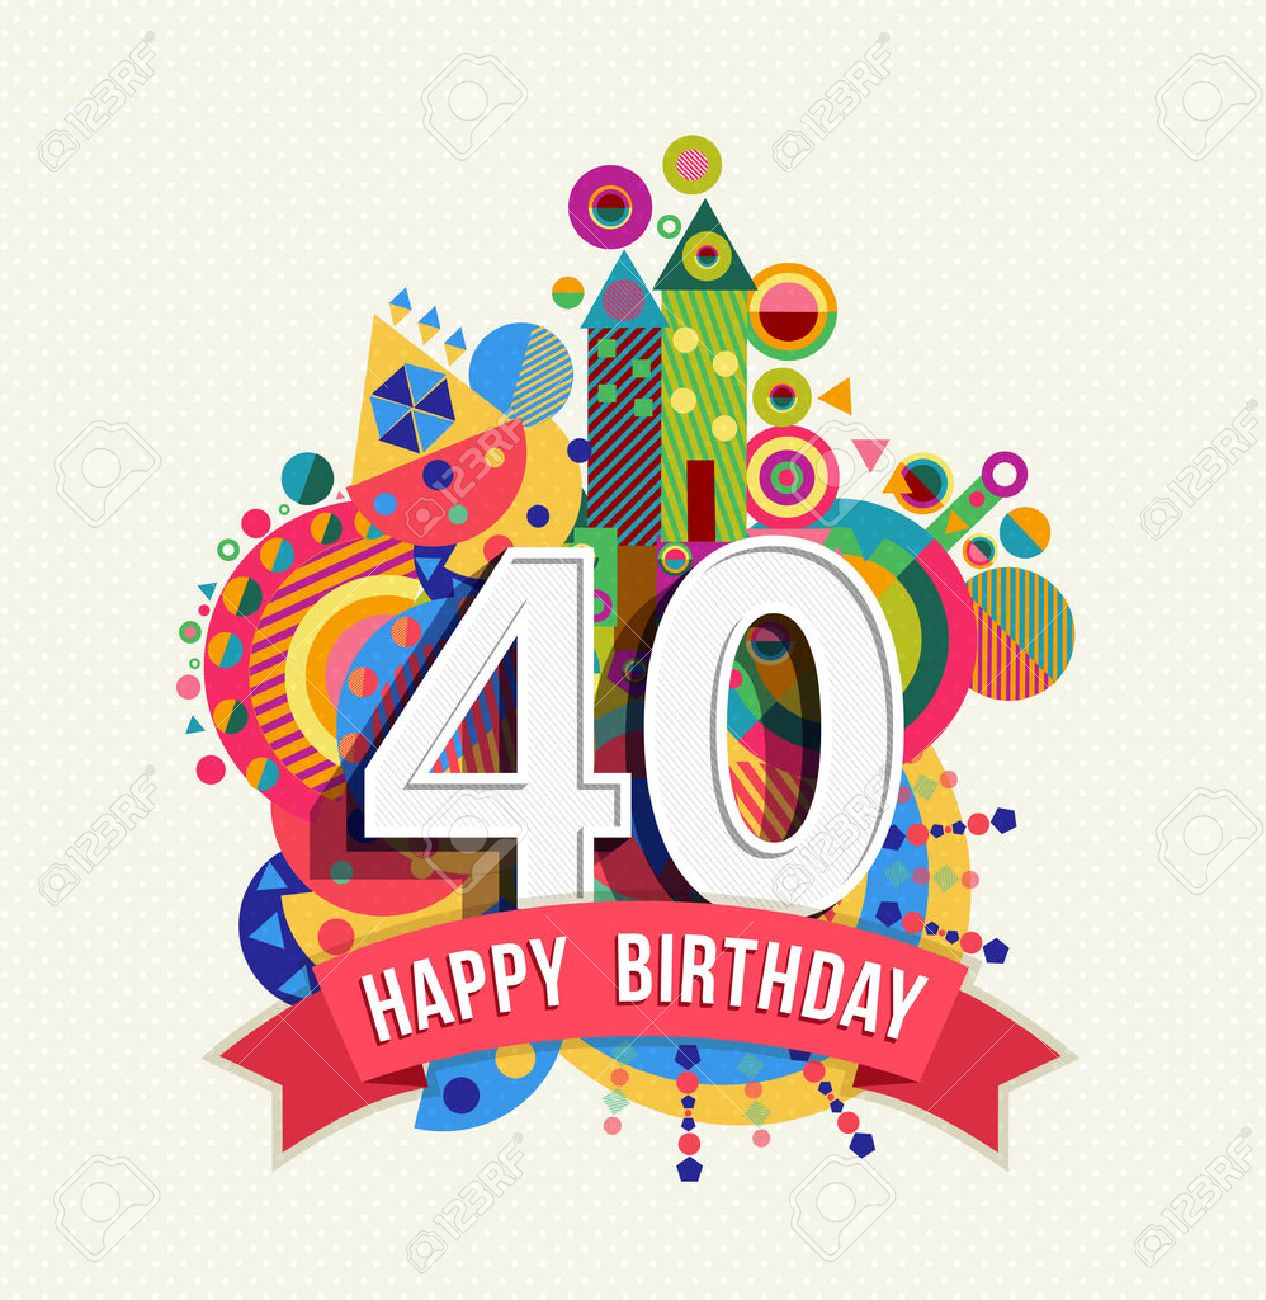 Cumpleaños Cuarenta 40 Años Tarjeta De Felicitación De La Diversión Feliz Celebración Con Número Etiqueta De Texto Y Un Diseño Colorido Geometría